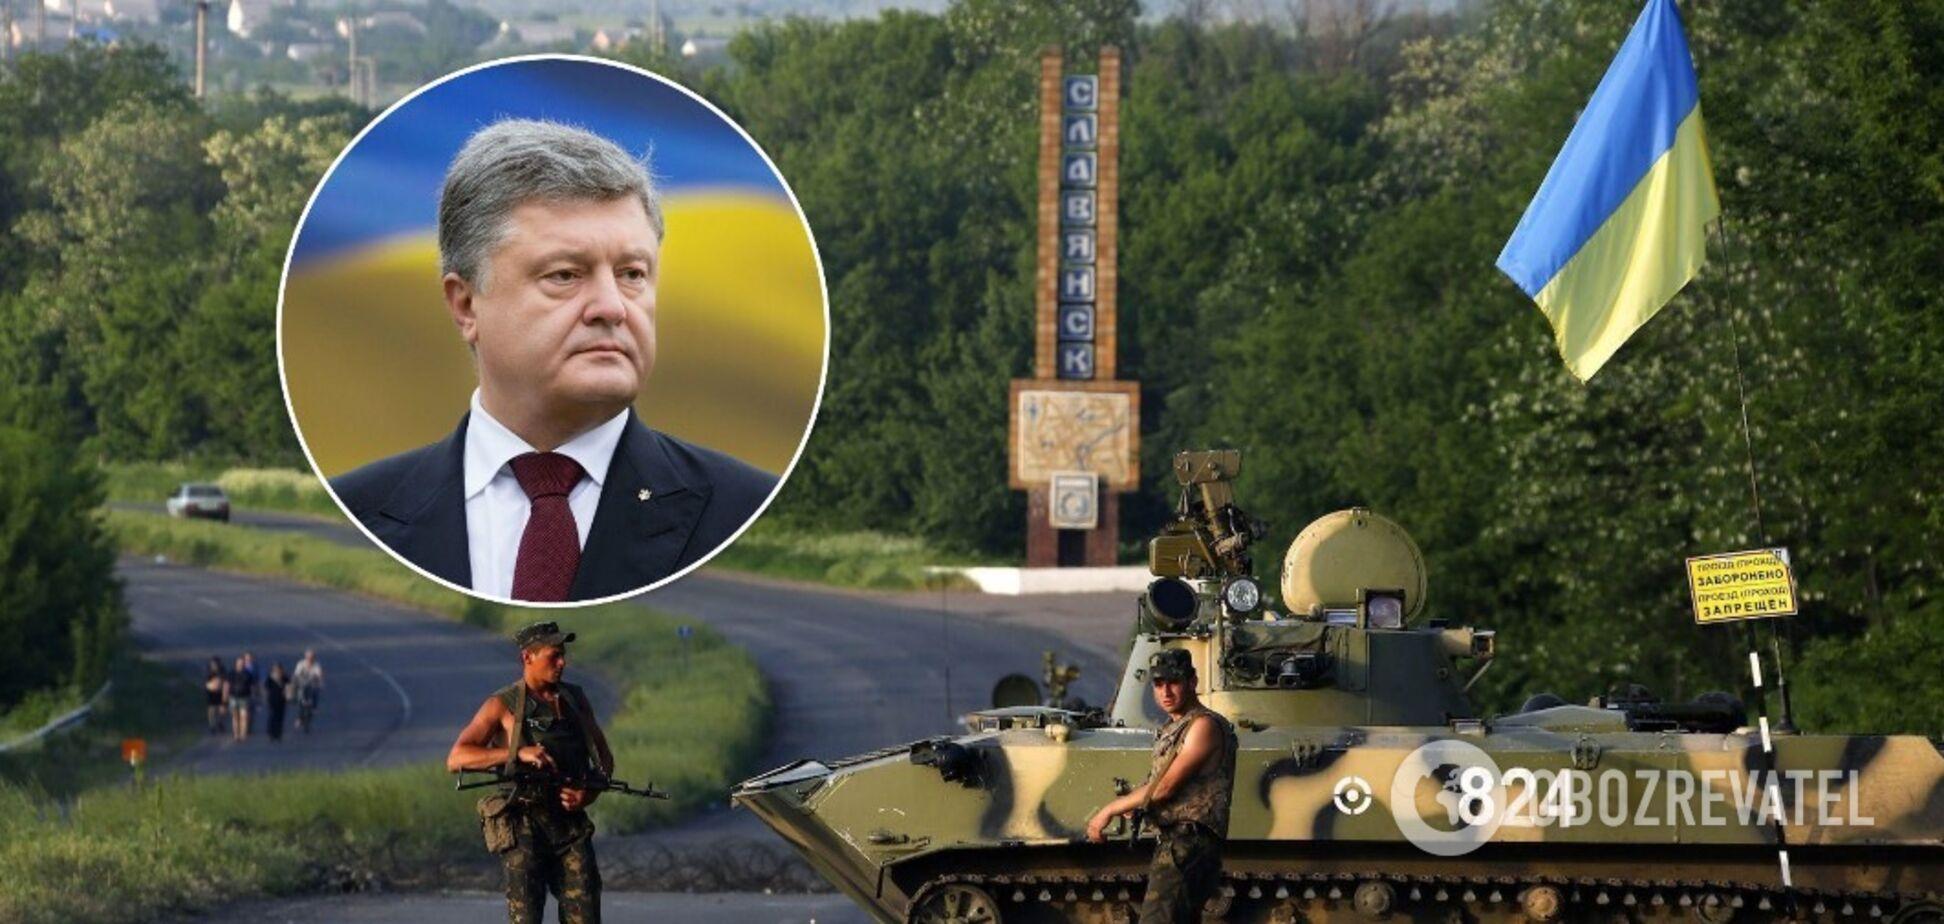 Порошенко поздравил Украину с годовщиной освобождения Славянска